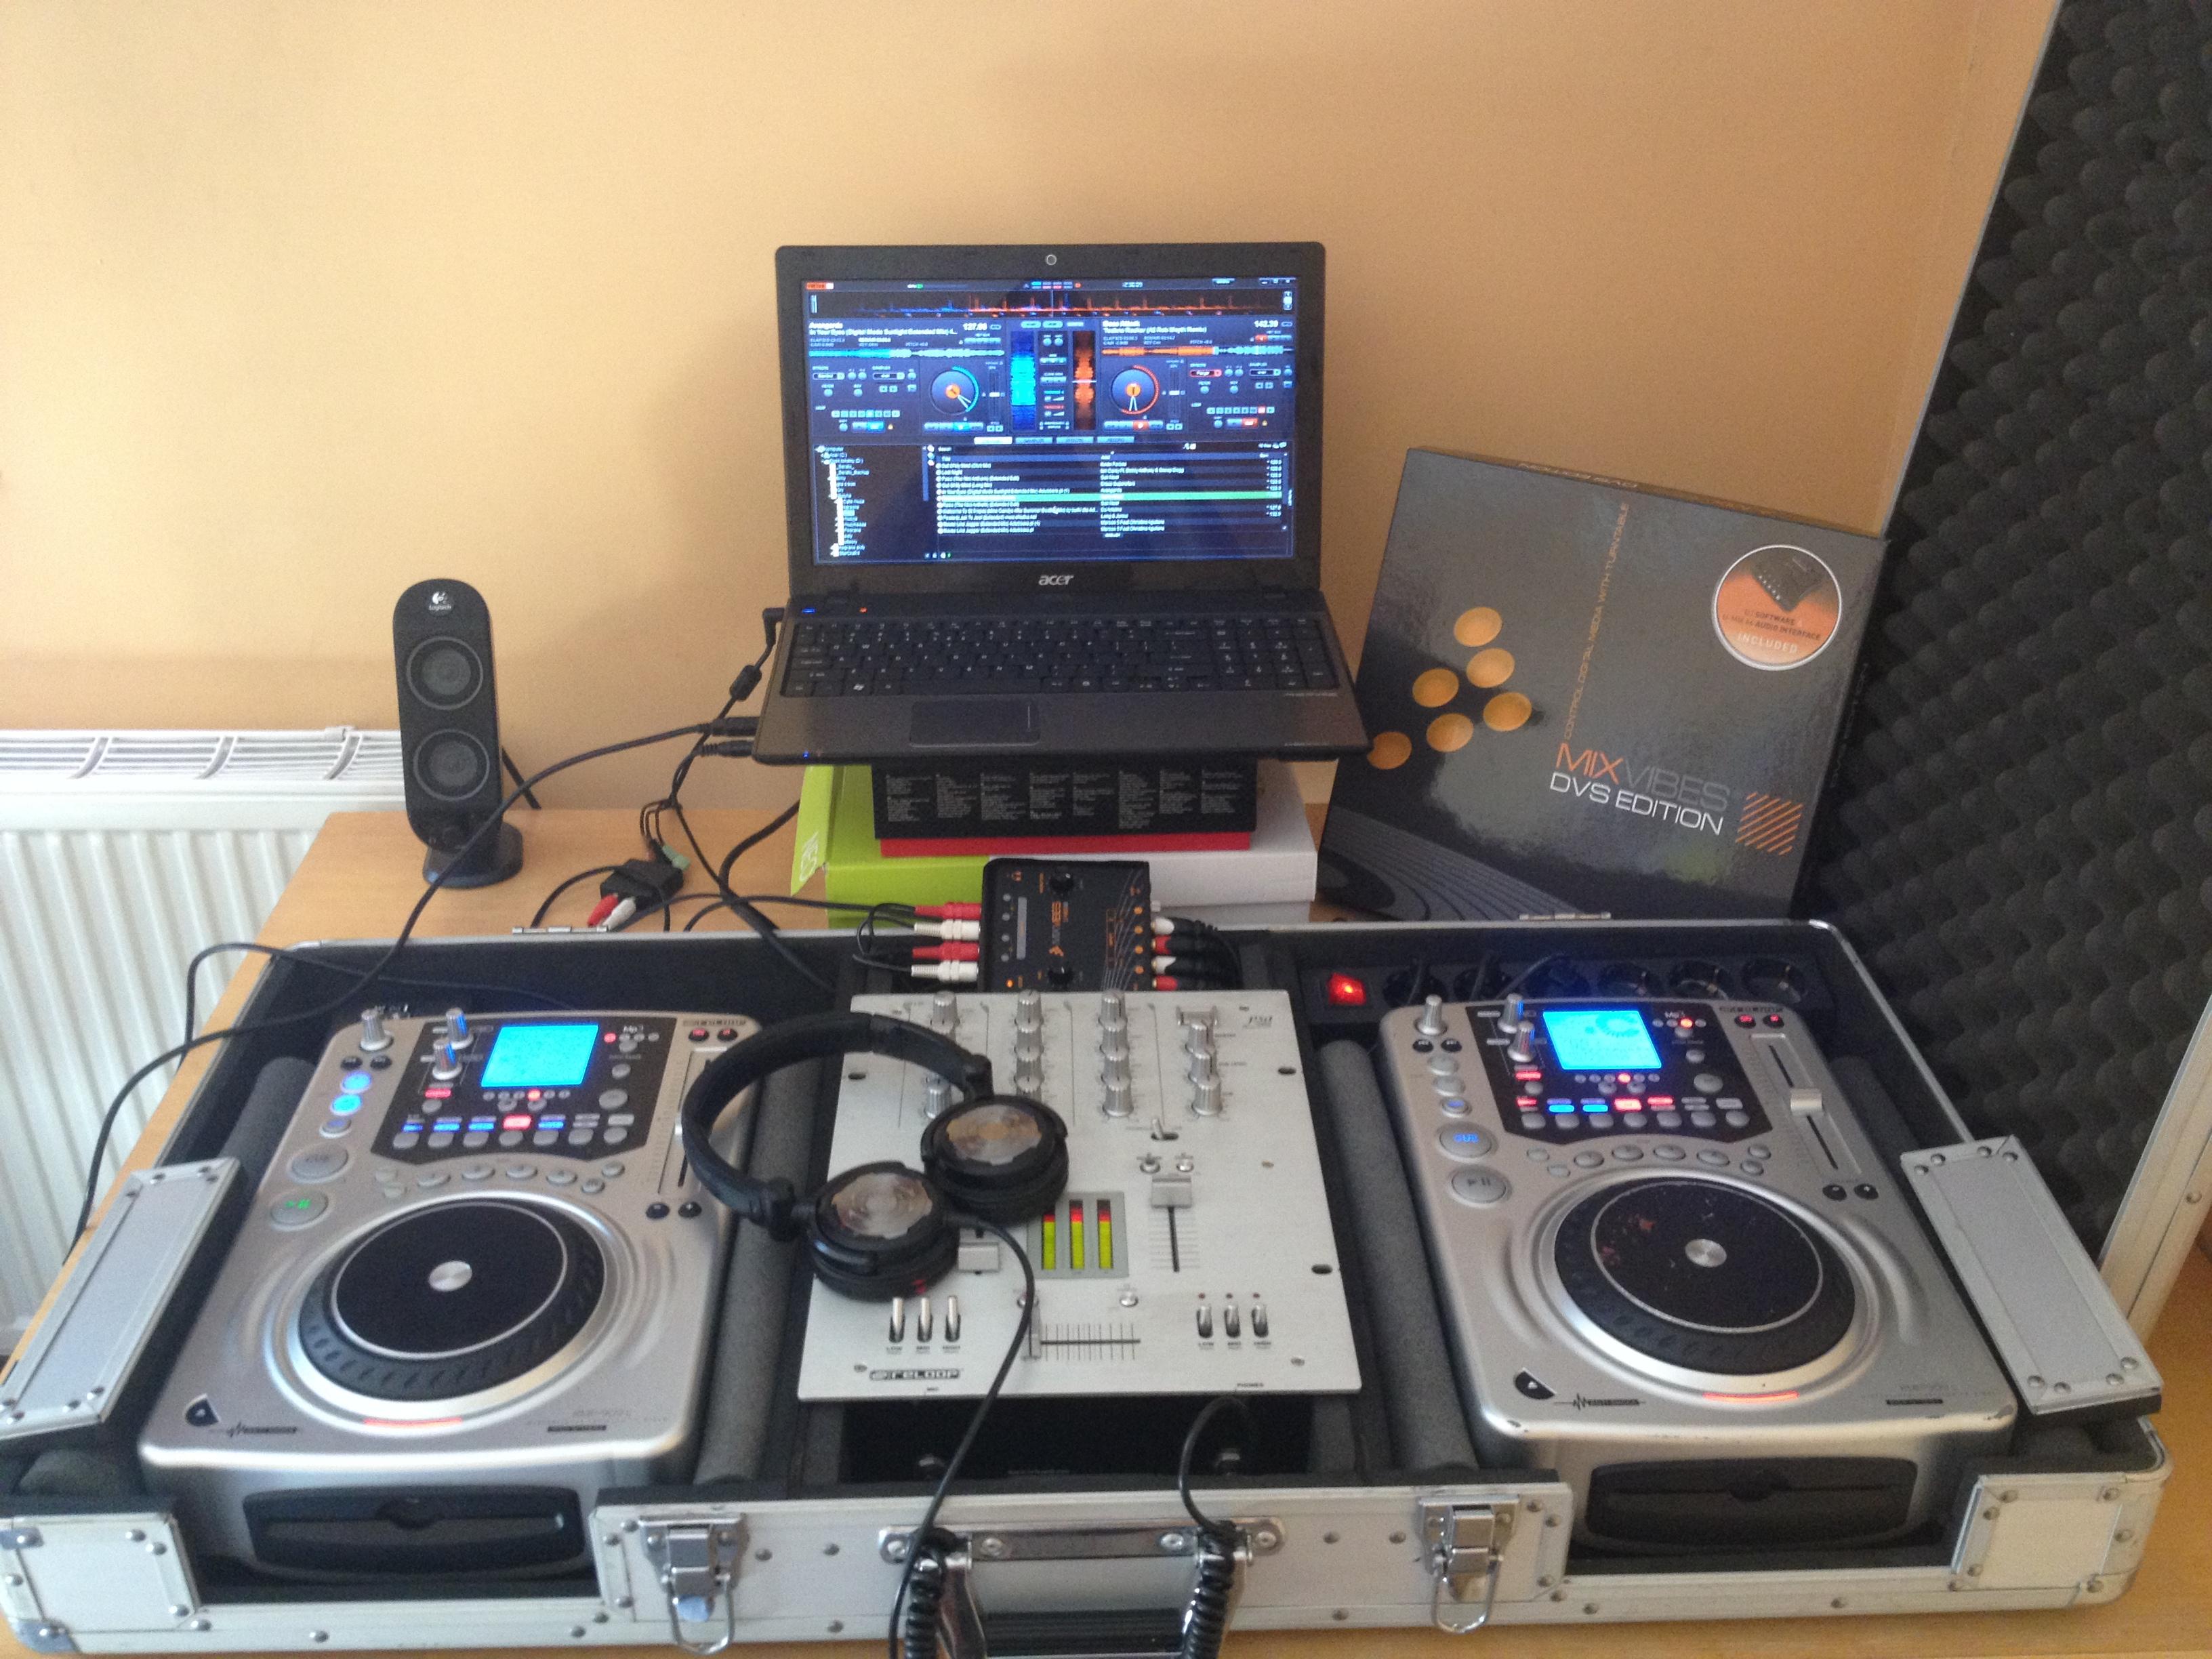 [Sprzedam] Zestaw dla DJ'a - Reloop RMX 20 + 2x Reloop 909s + MIXVIBES u-mix44